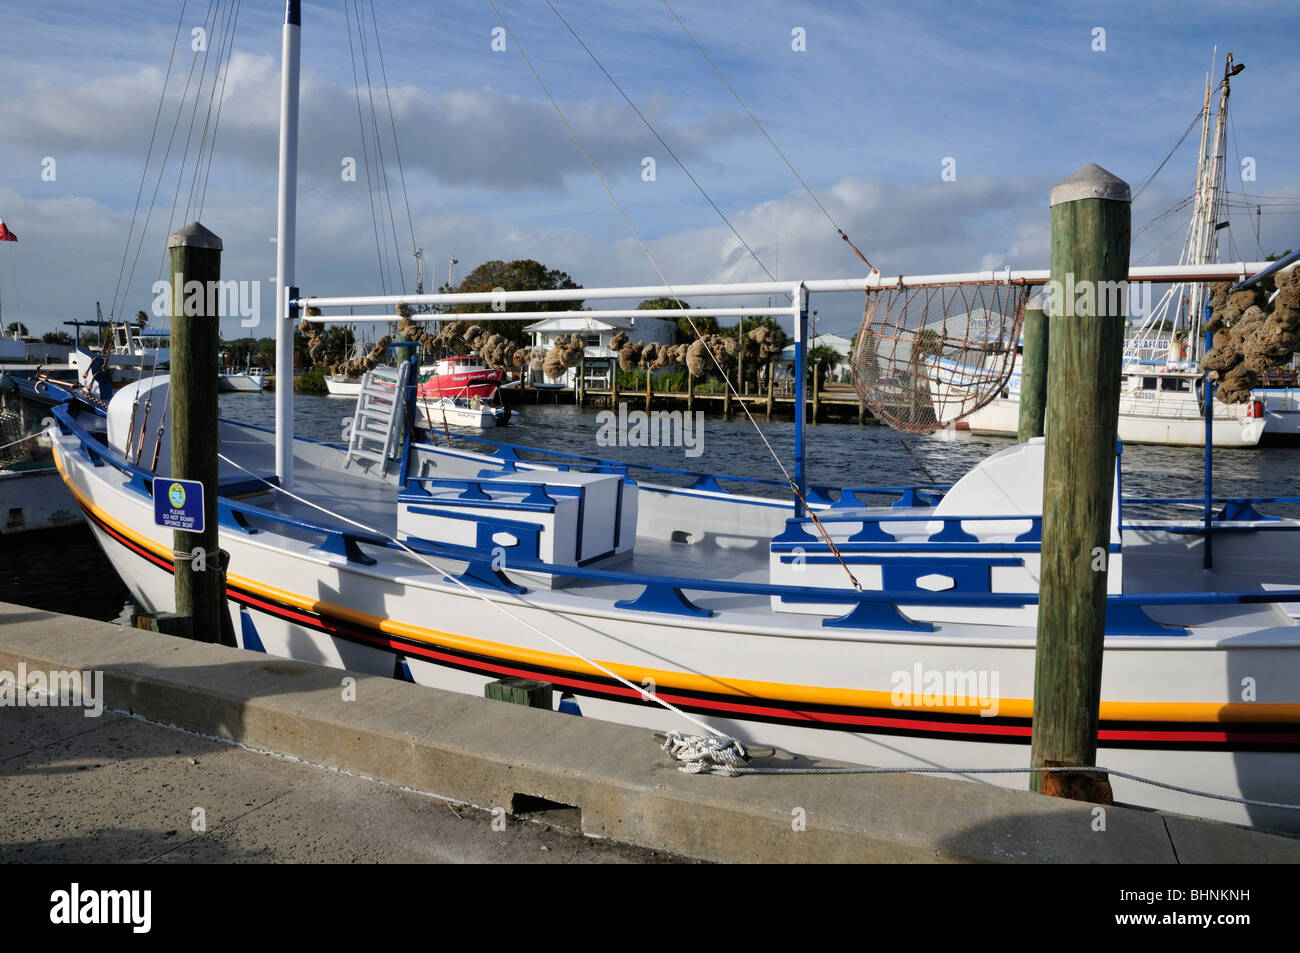 """L'éponge bateau """"Tarpon Springs', dont l'ancien nom """"Louis Pappas', amarré au Photo Stock"""